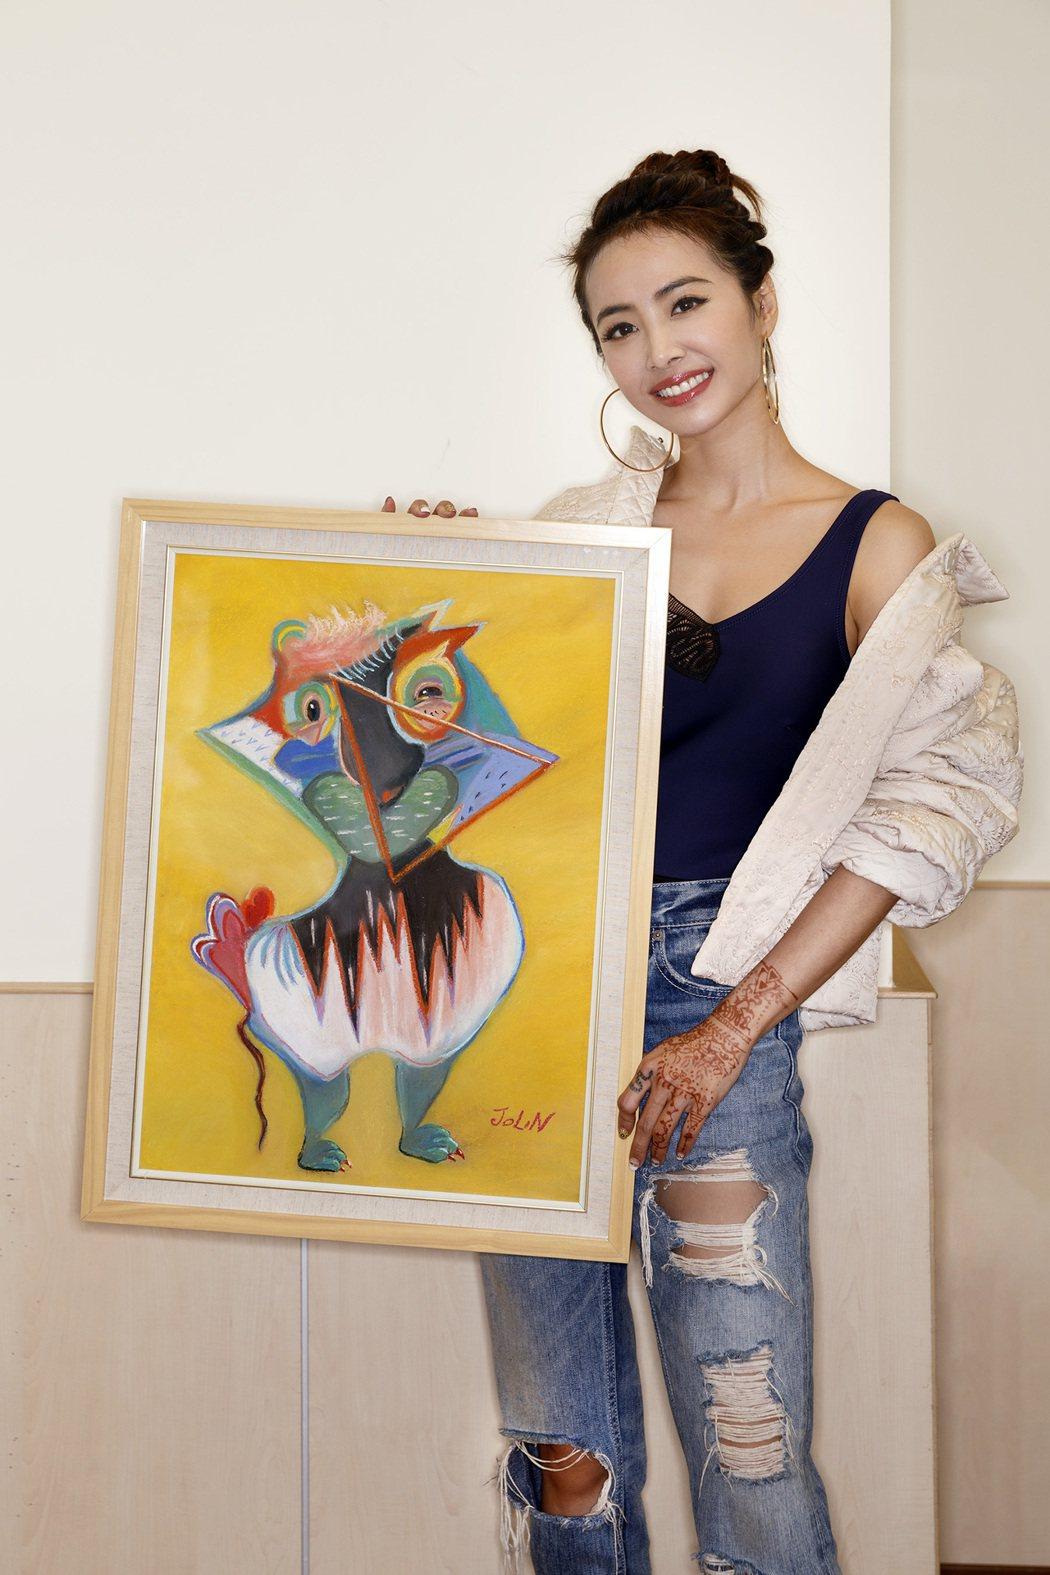 蔡依林愛心簽名畫作「你」,展覽現場競標義賣。圖/愛最大提供